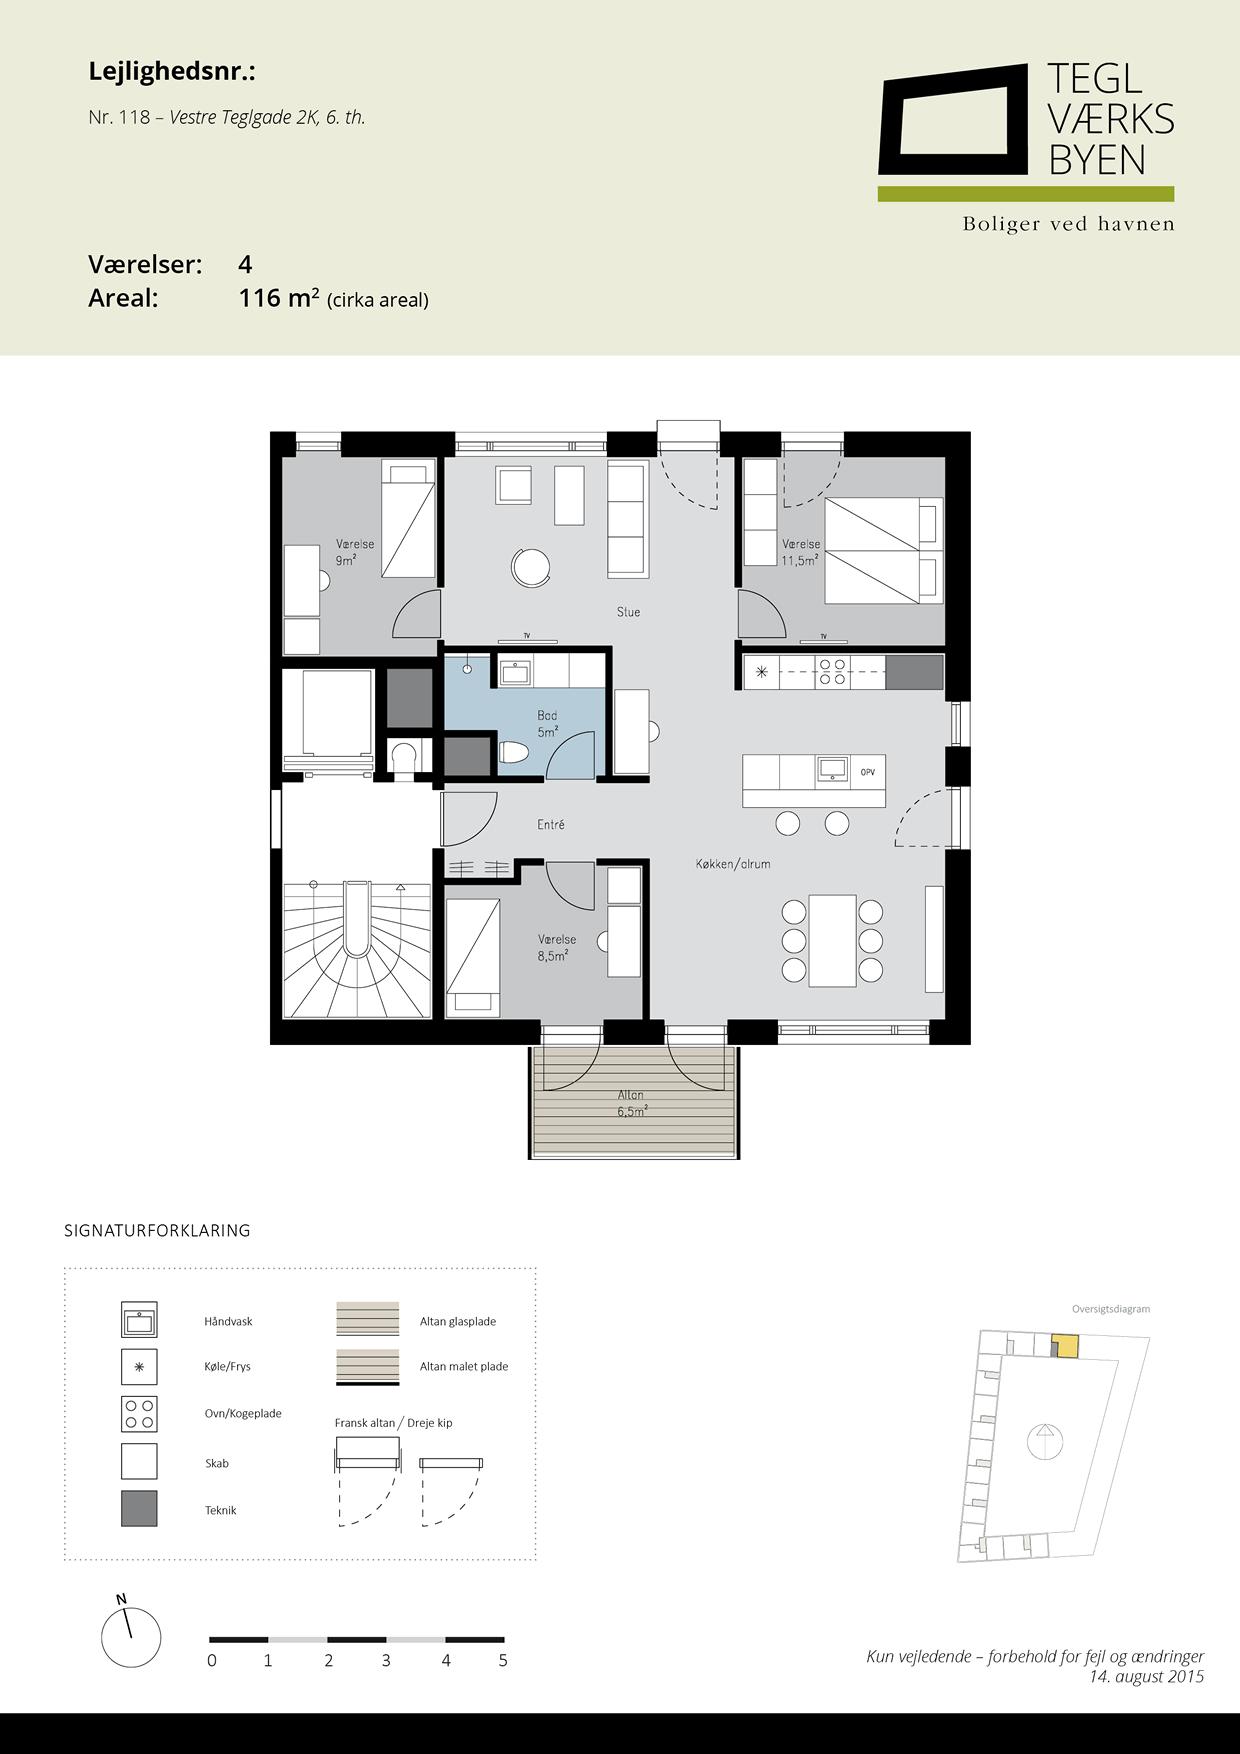 Teglvaerksbyen_118_plan